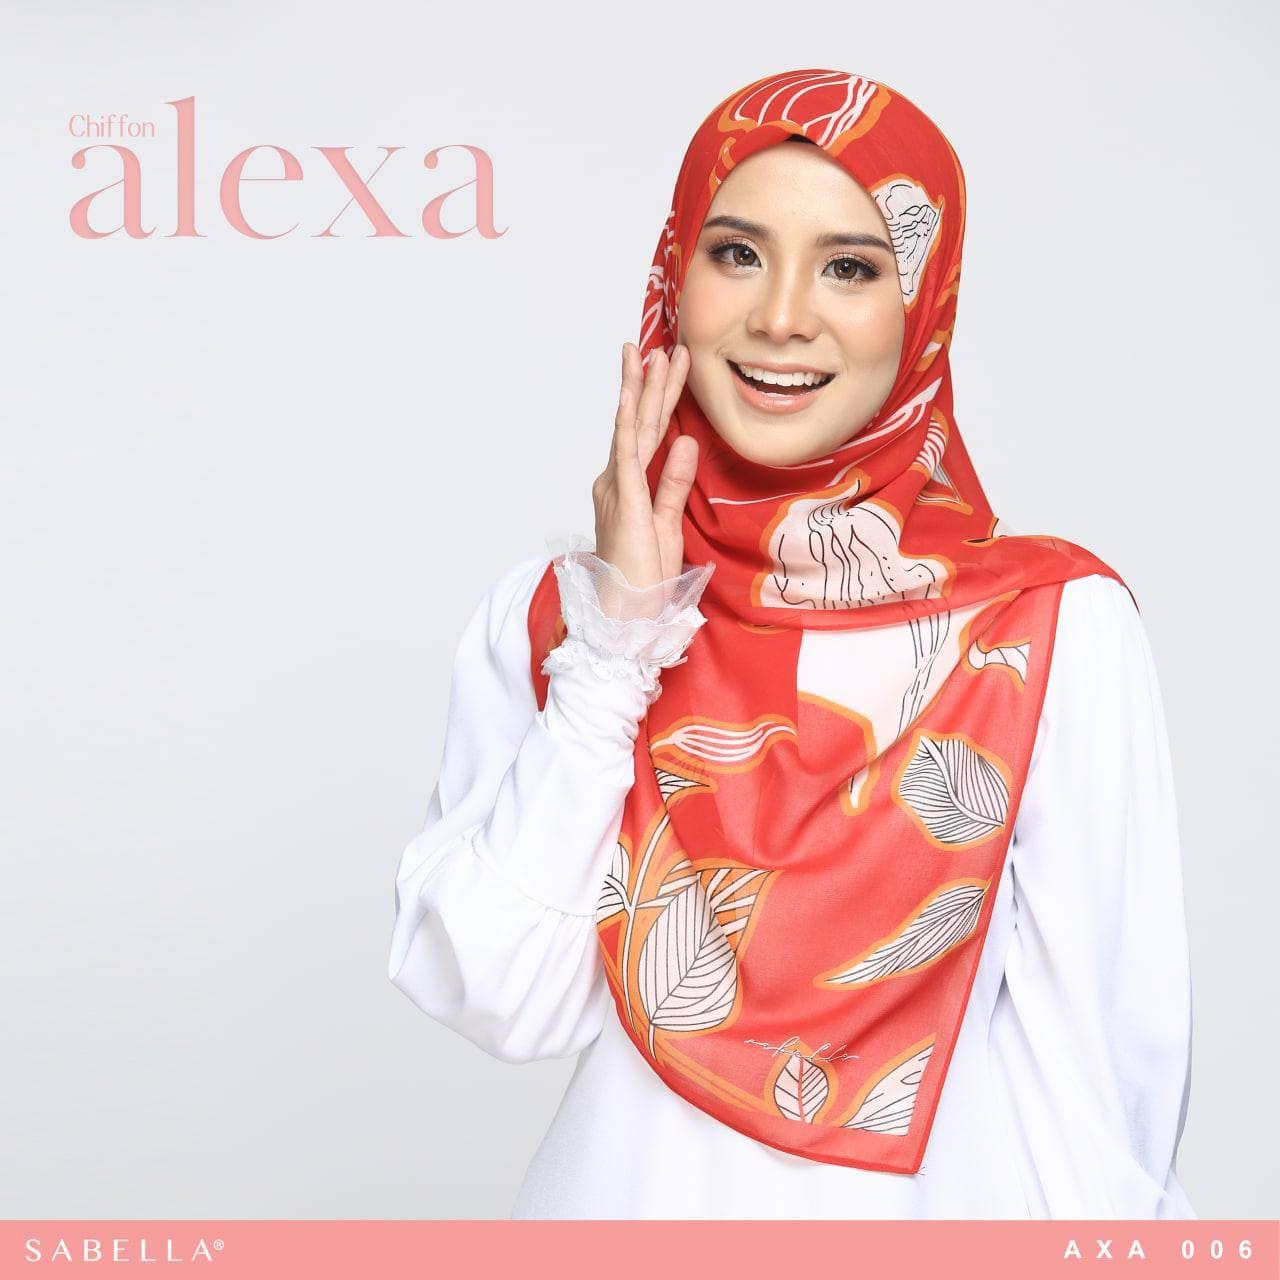 Alexa 006